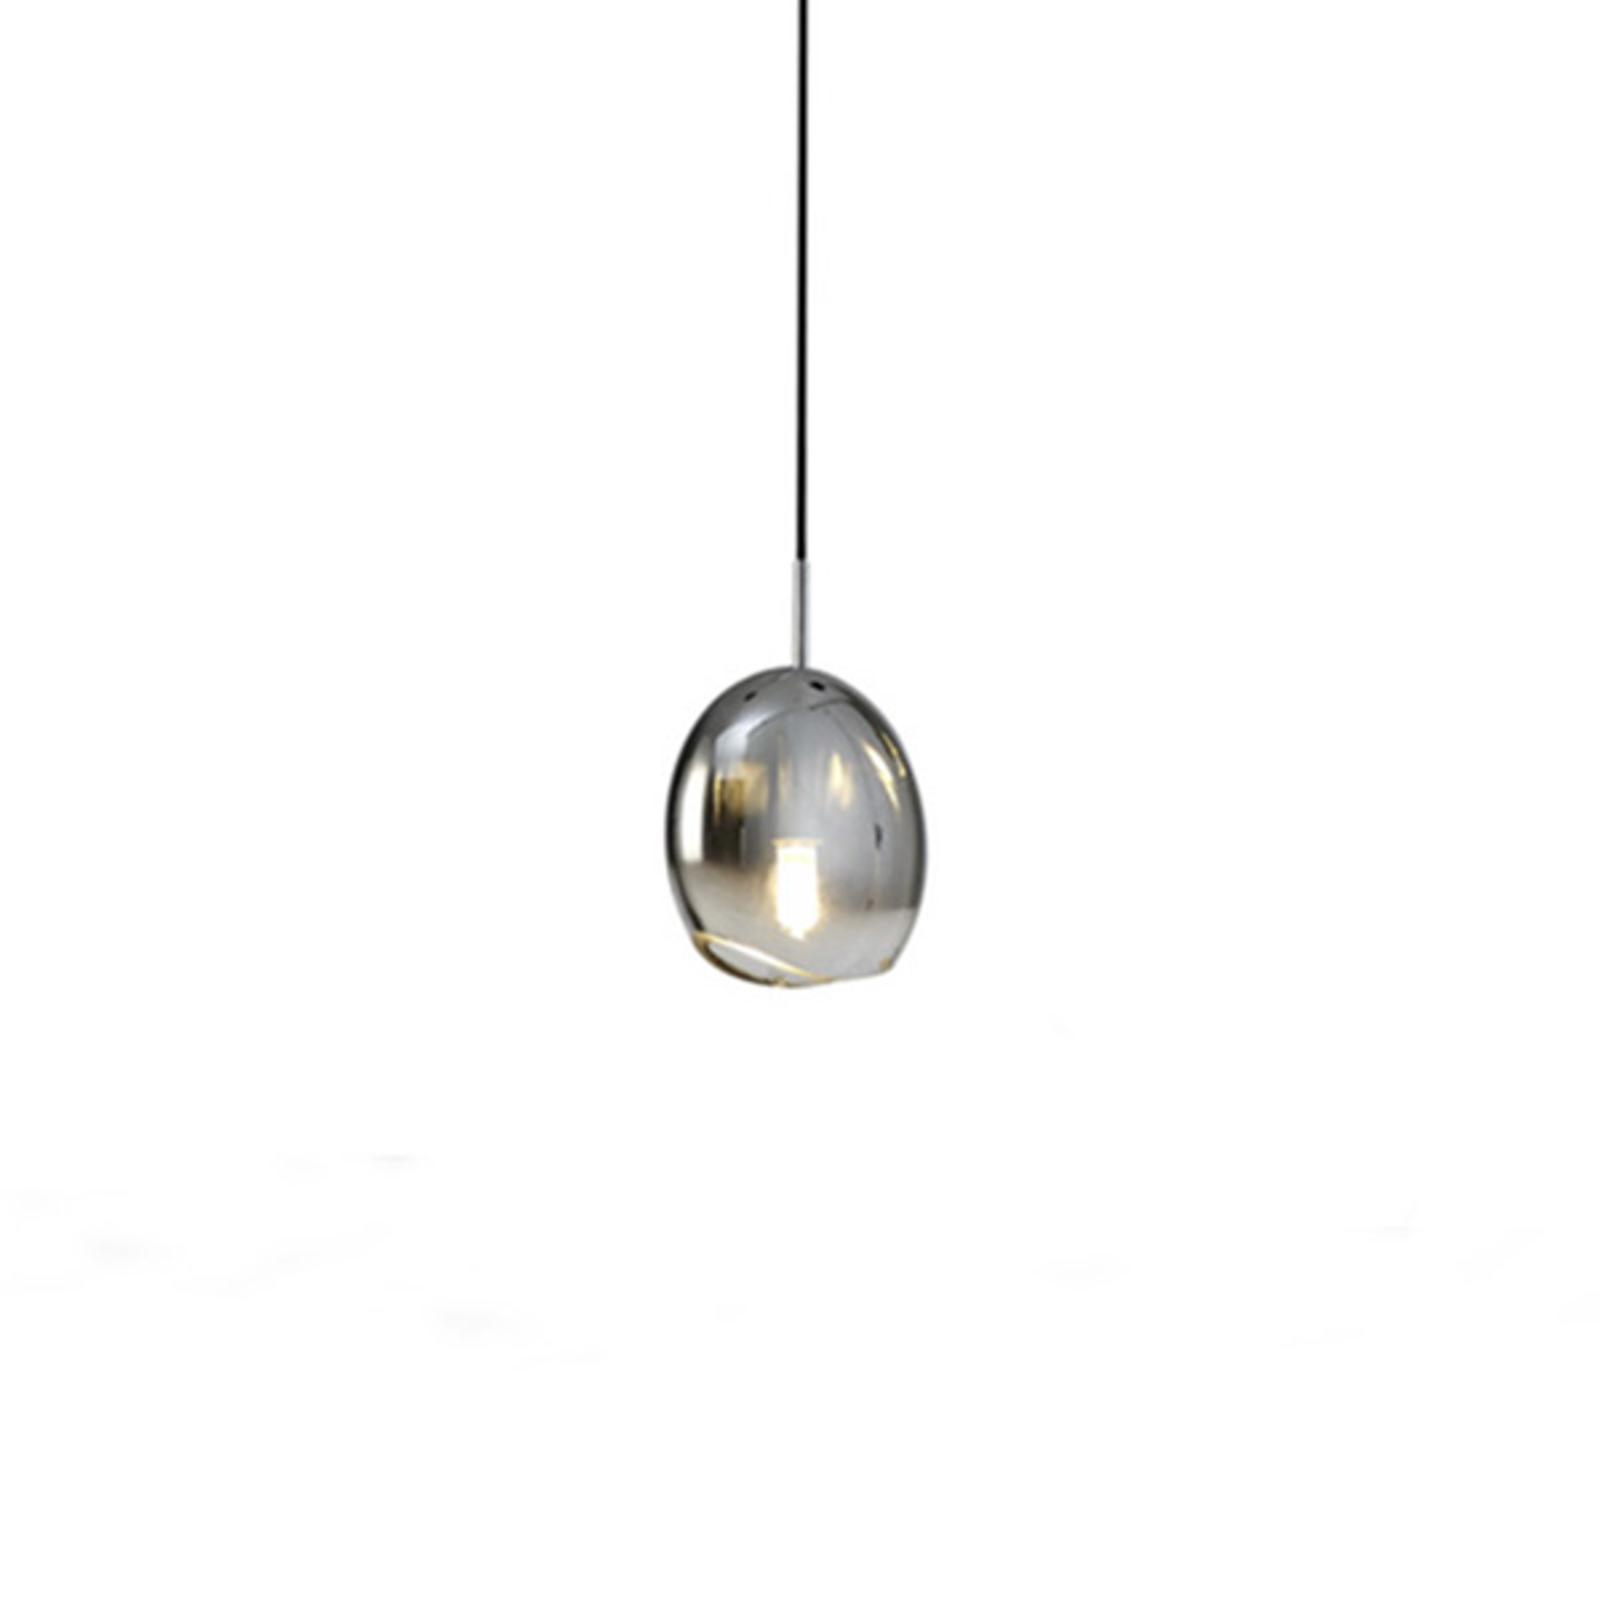 Hanglamp lens 12,5 cm